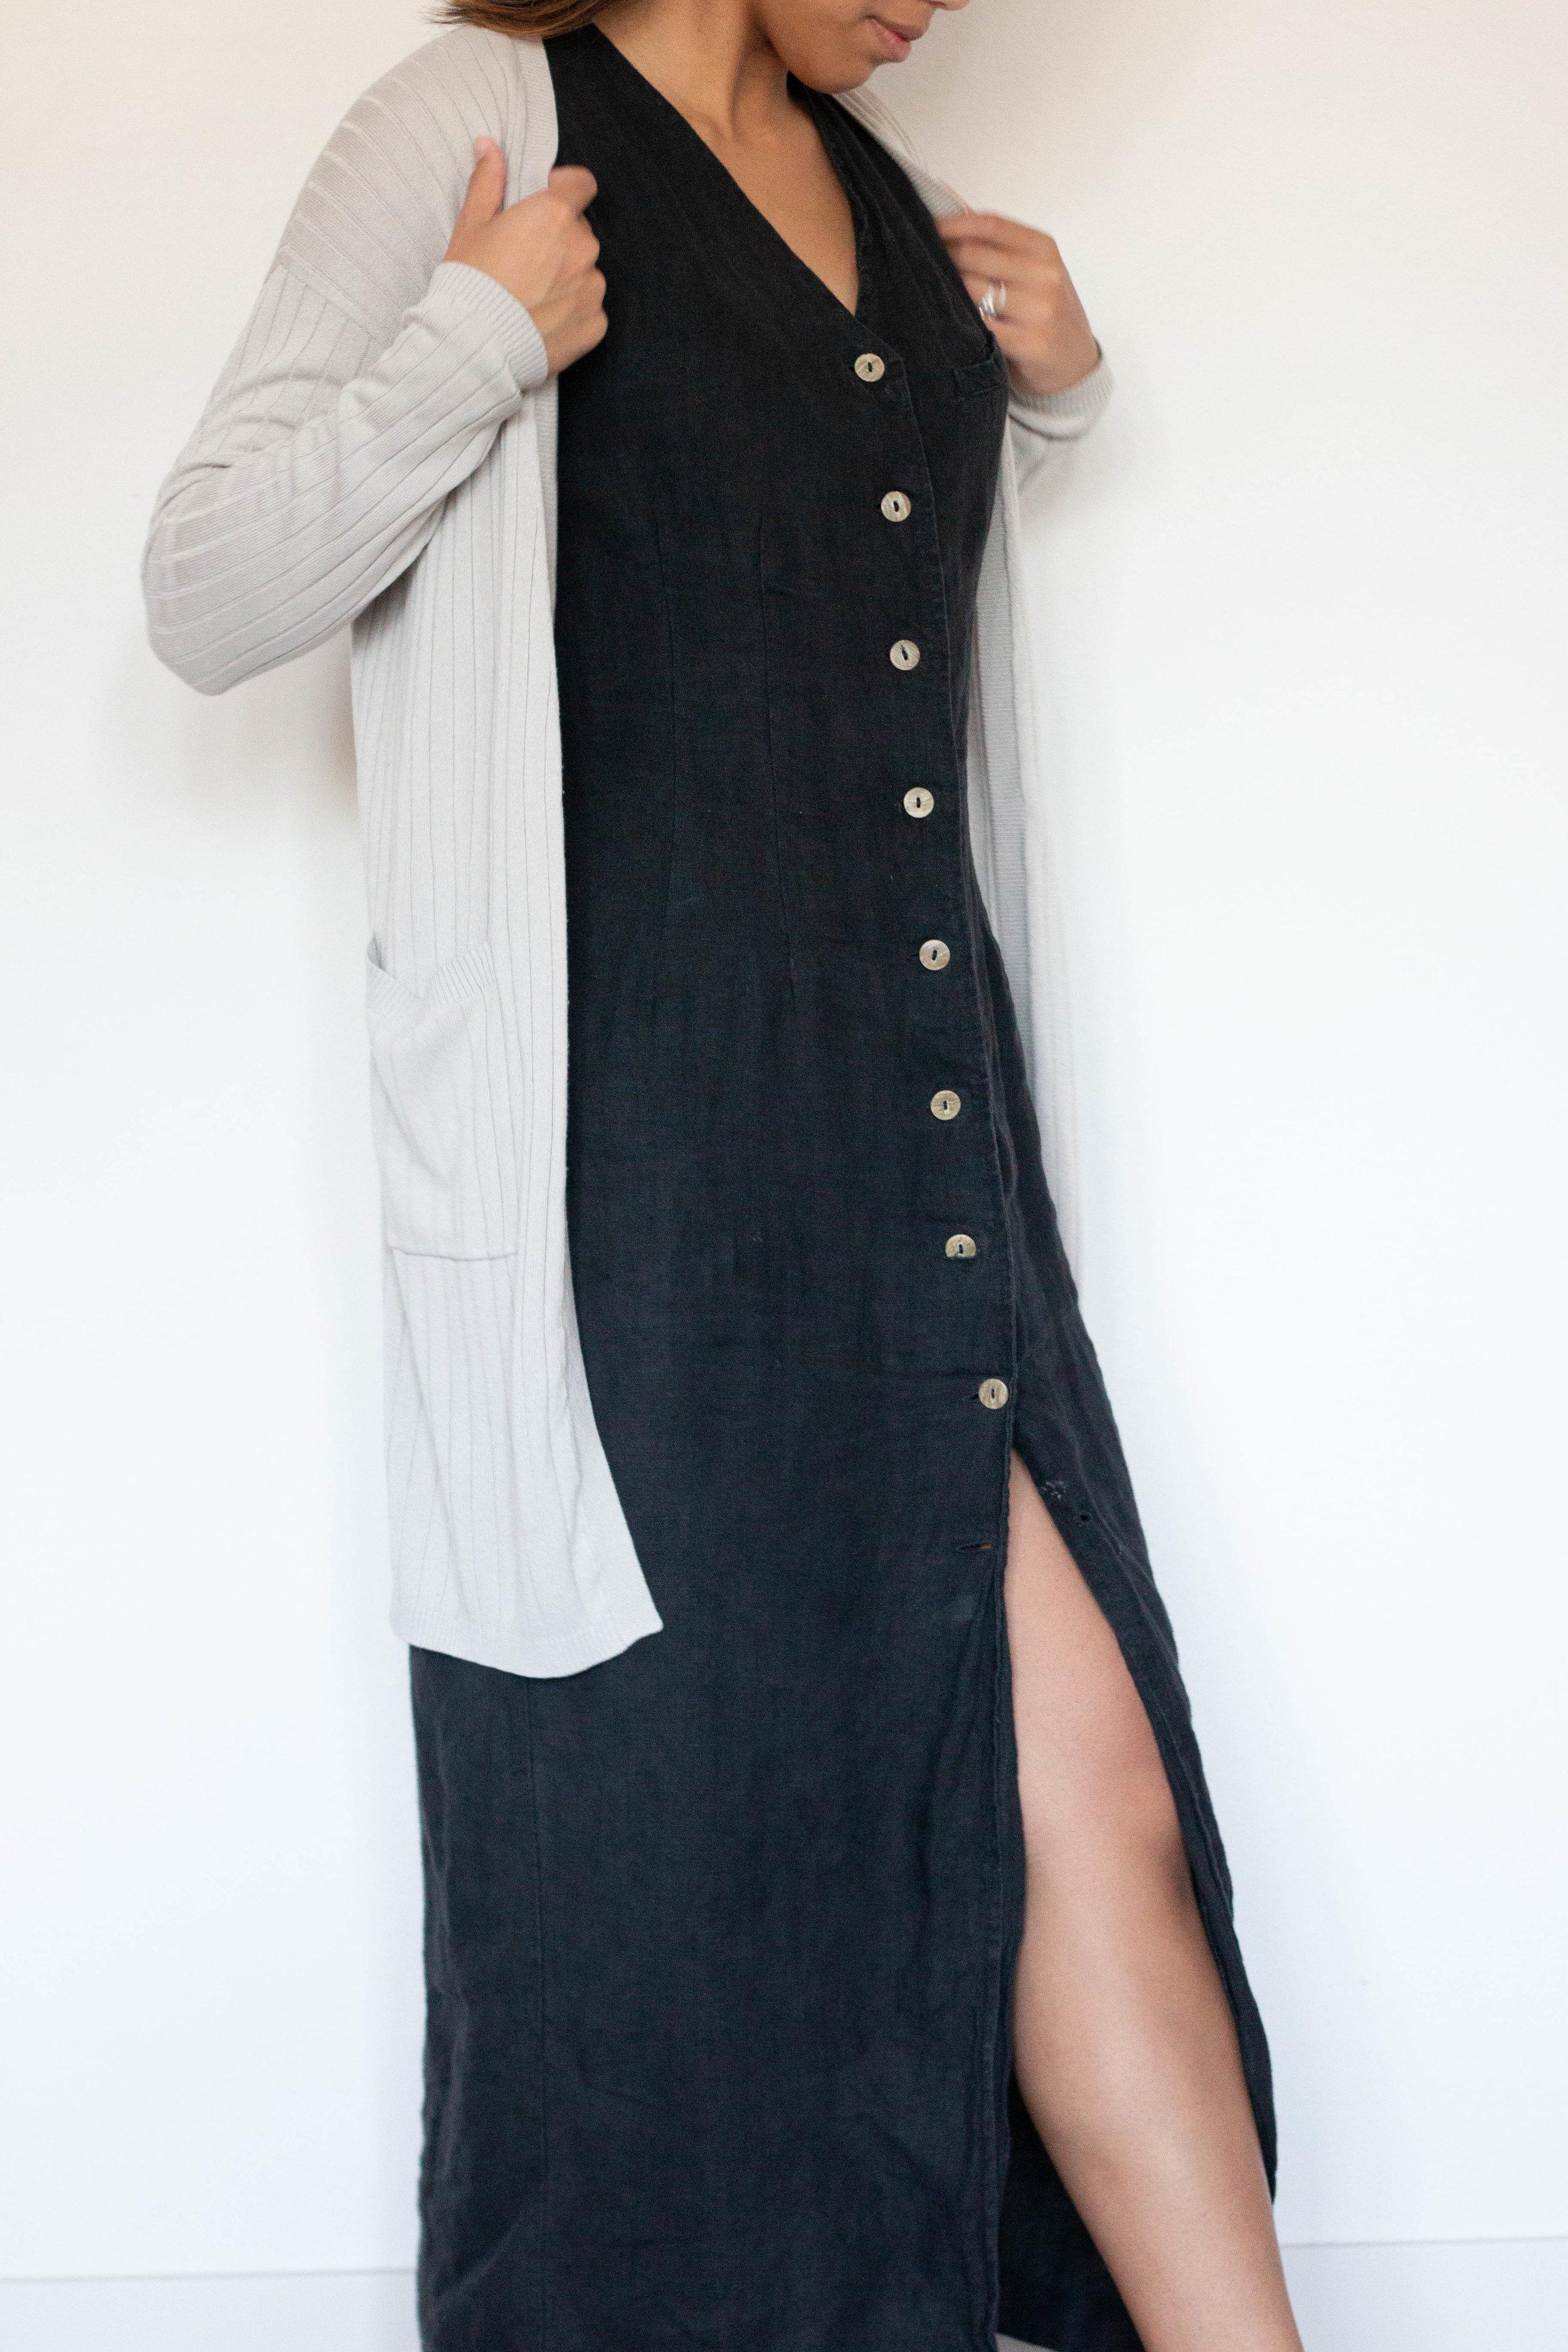 dress-6.jpg